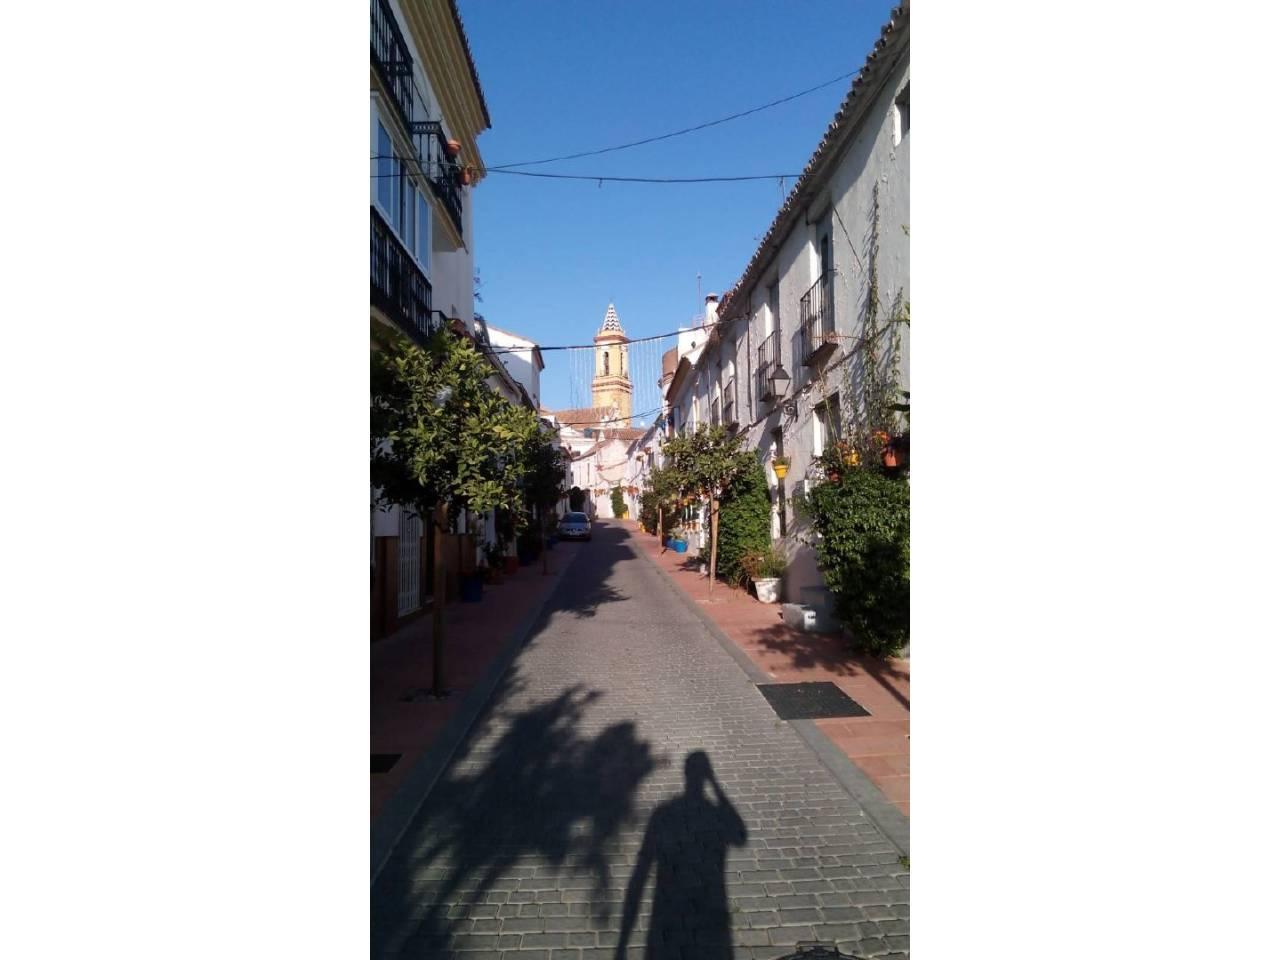 Casa en venta en Estepona en Calle: Pozo de los palos